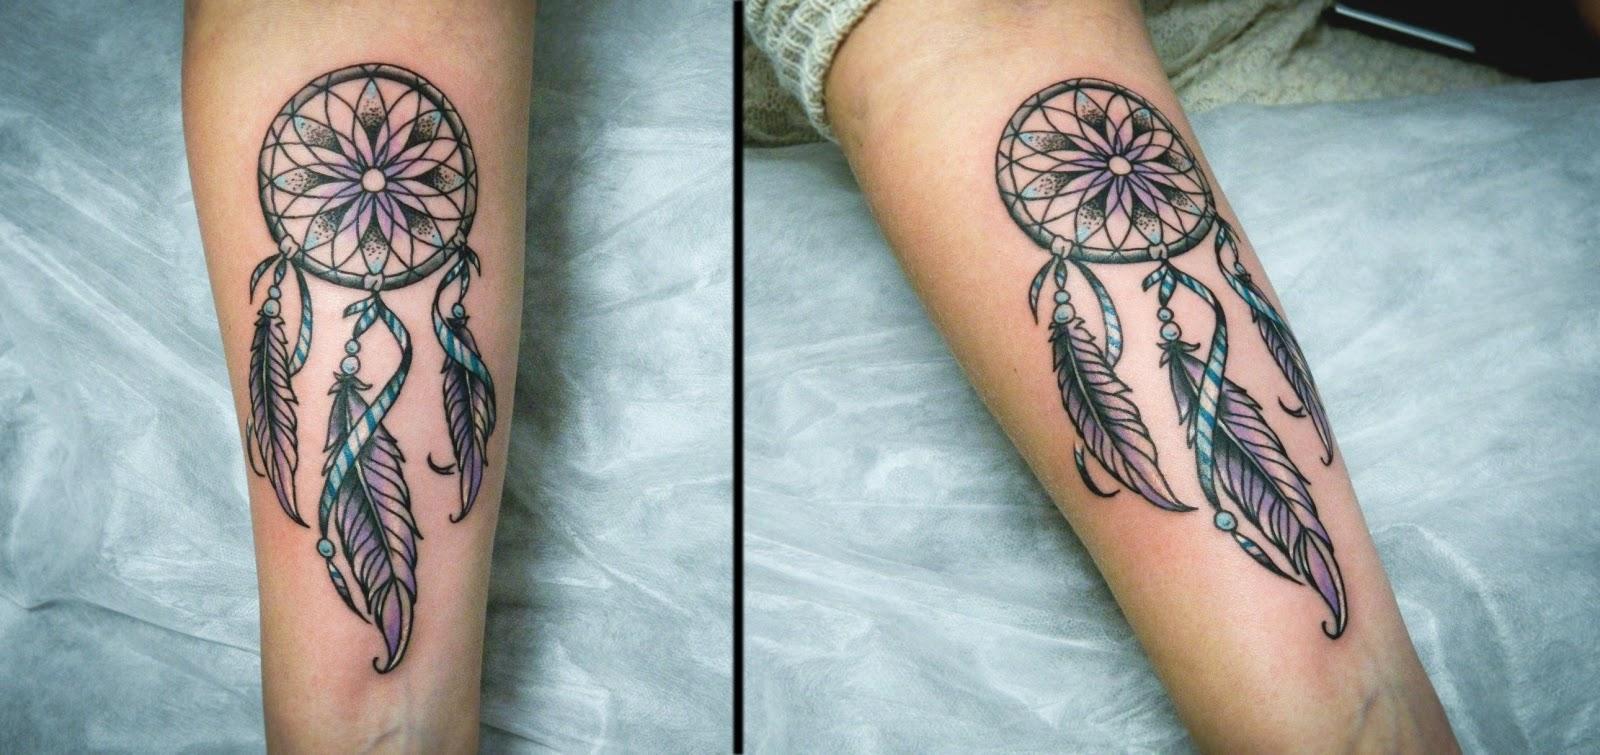 Ловушка снов фото татуировки